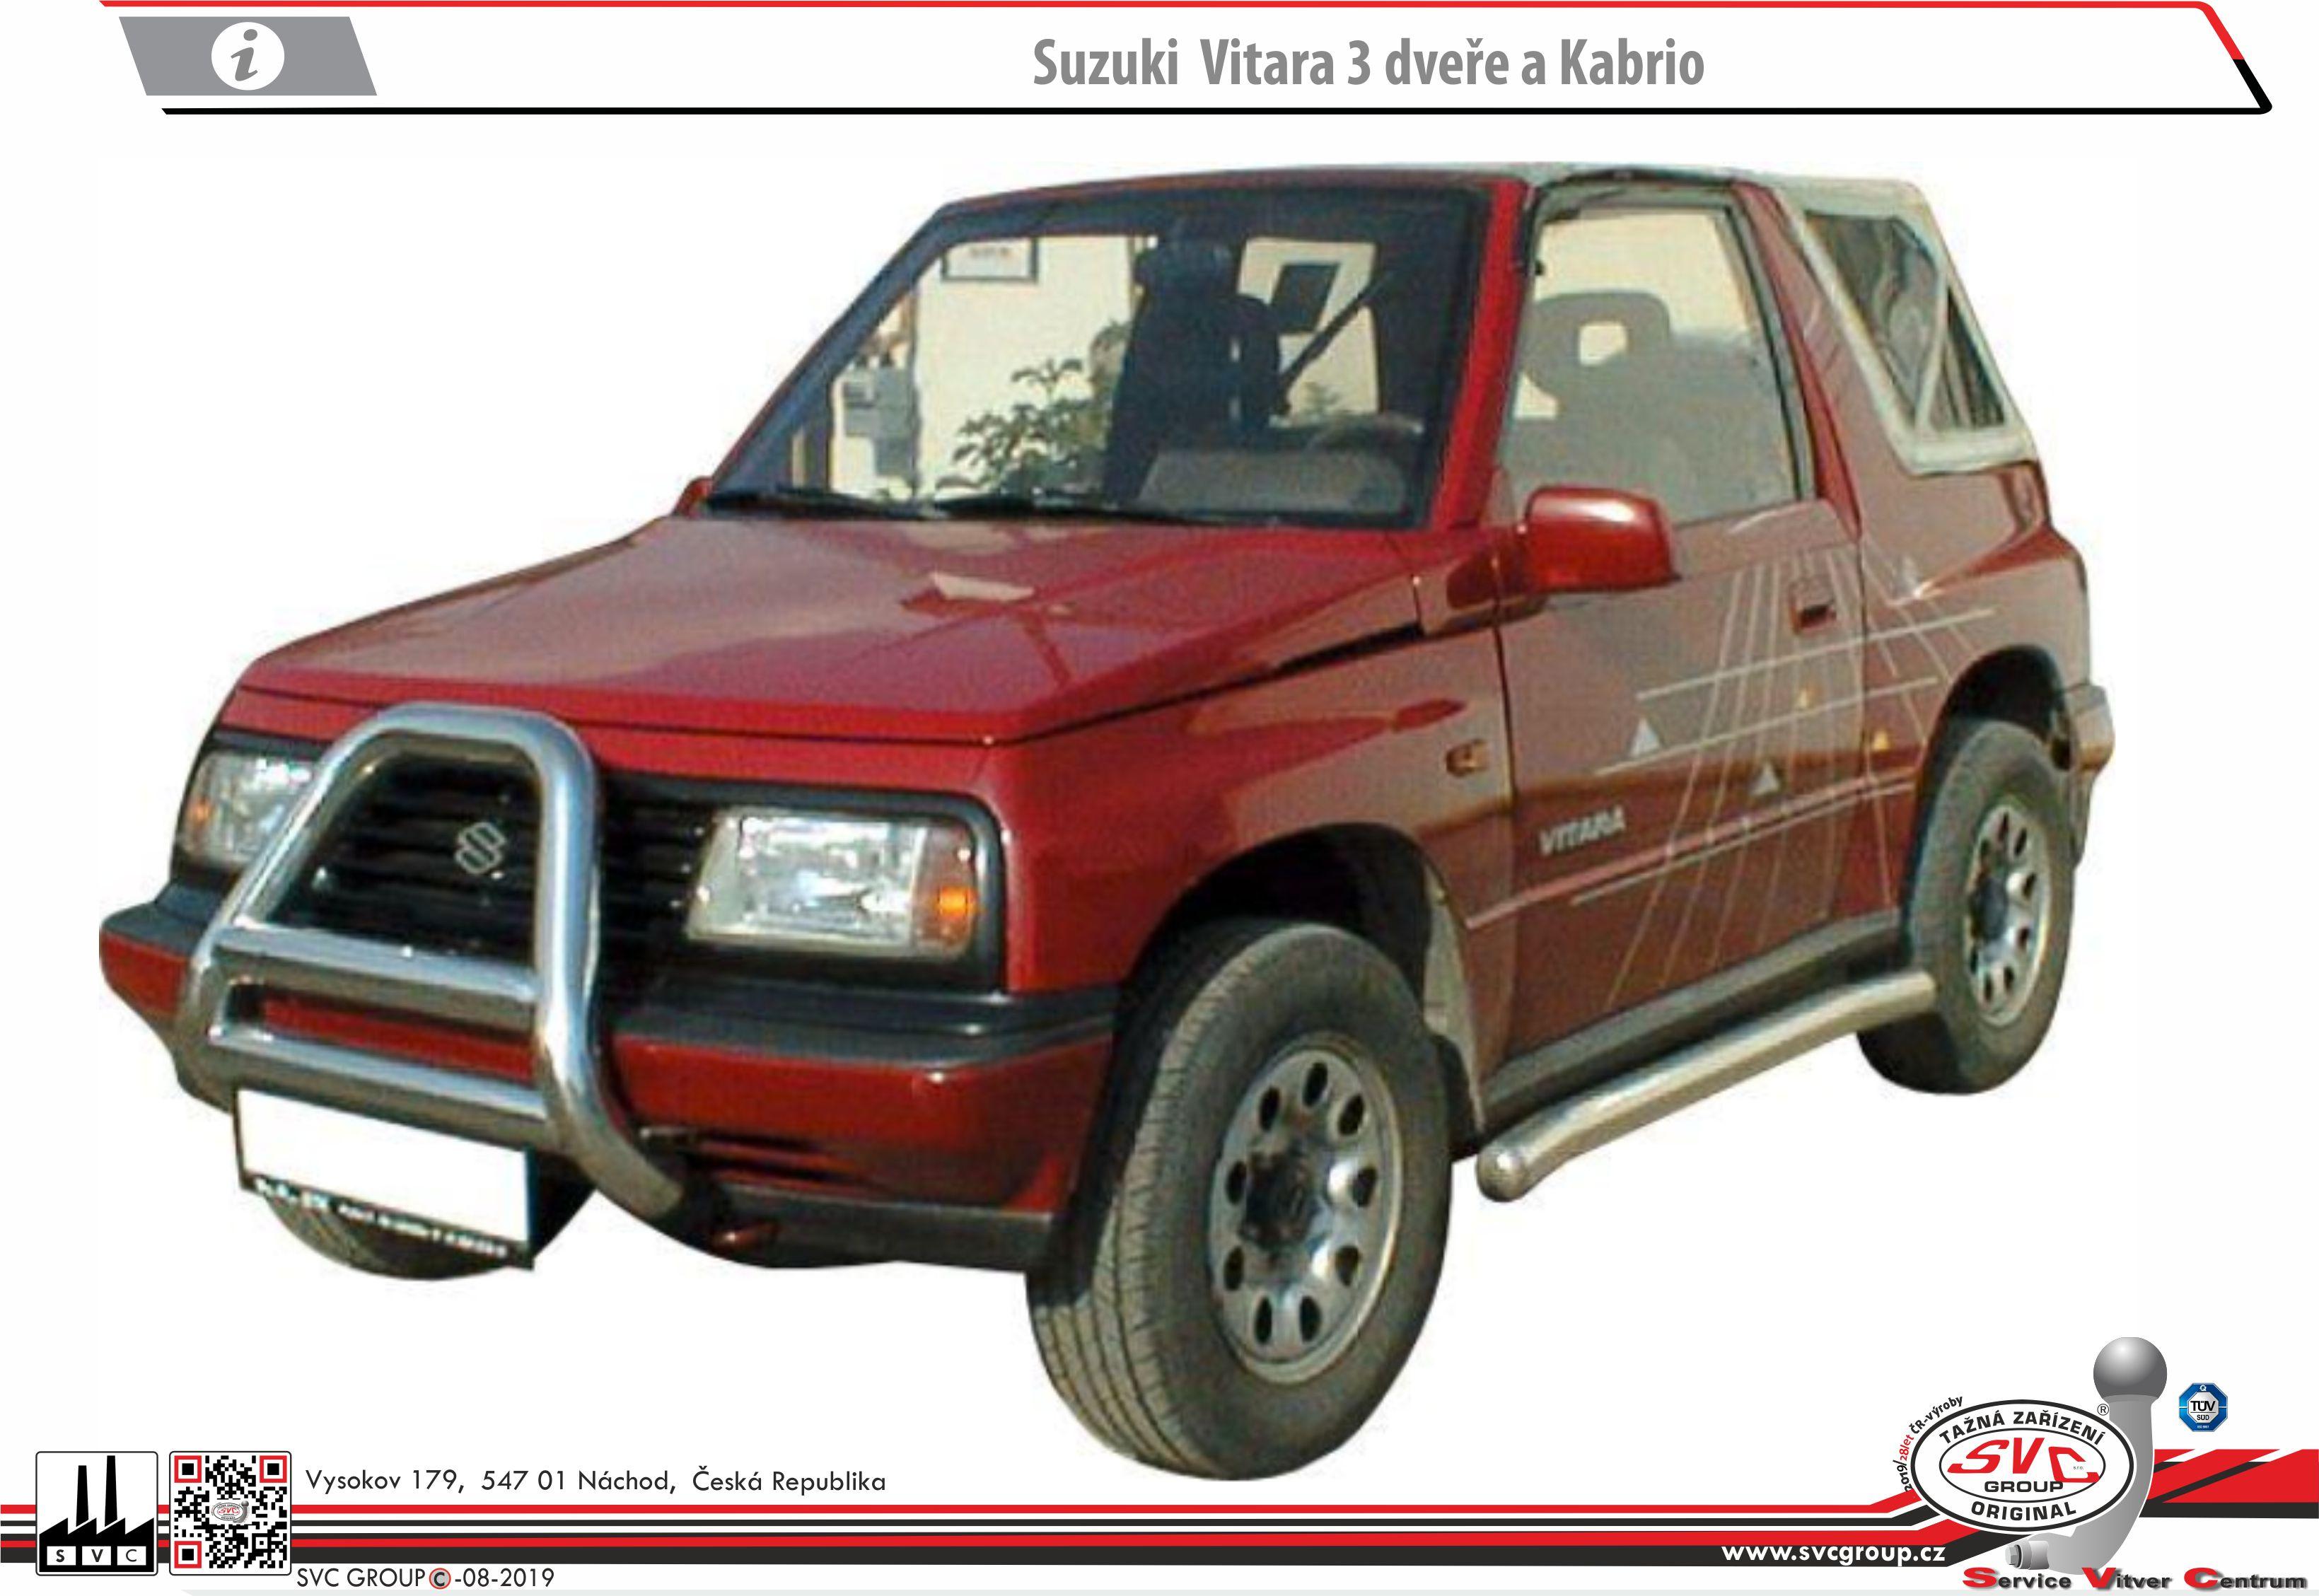 Suzuki Vitara 3 Dveřové provedení